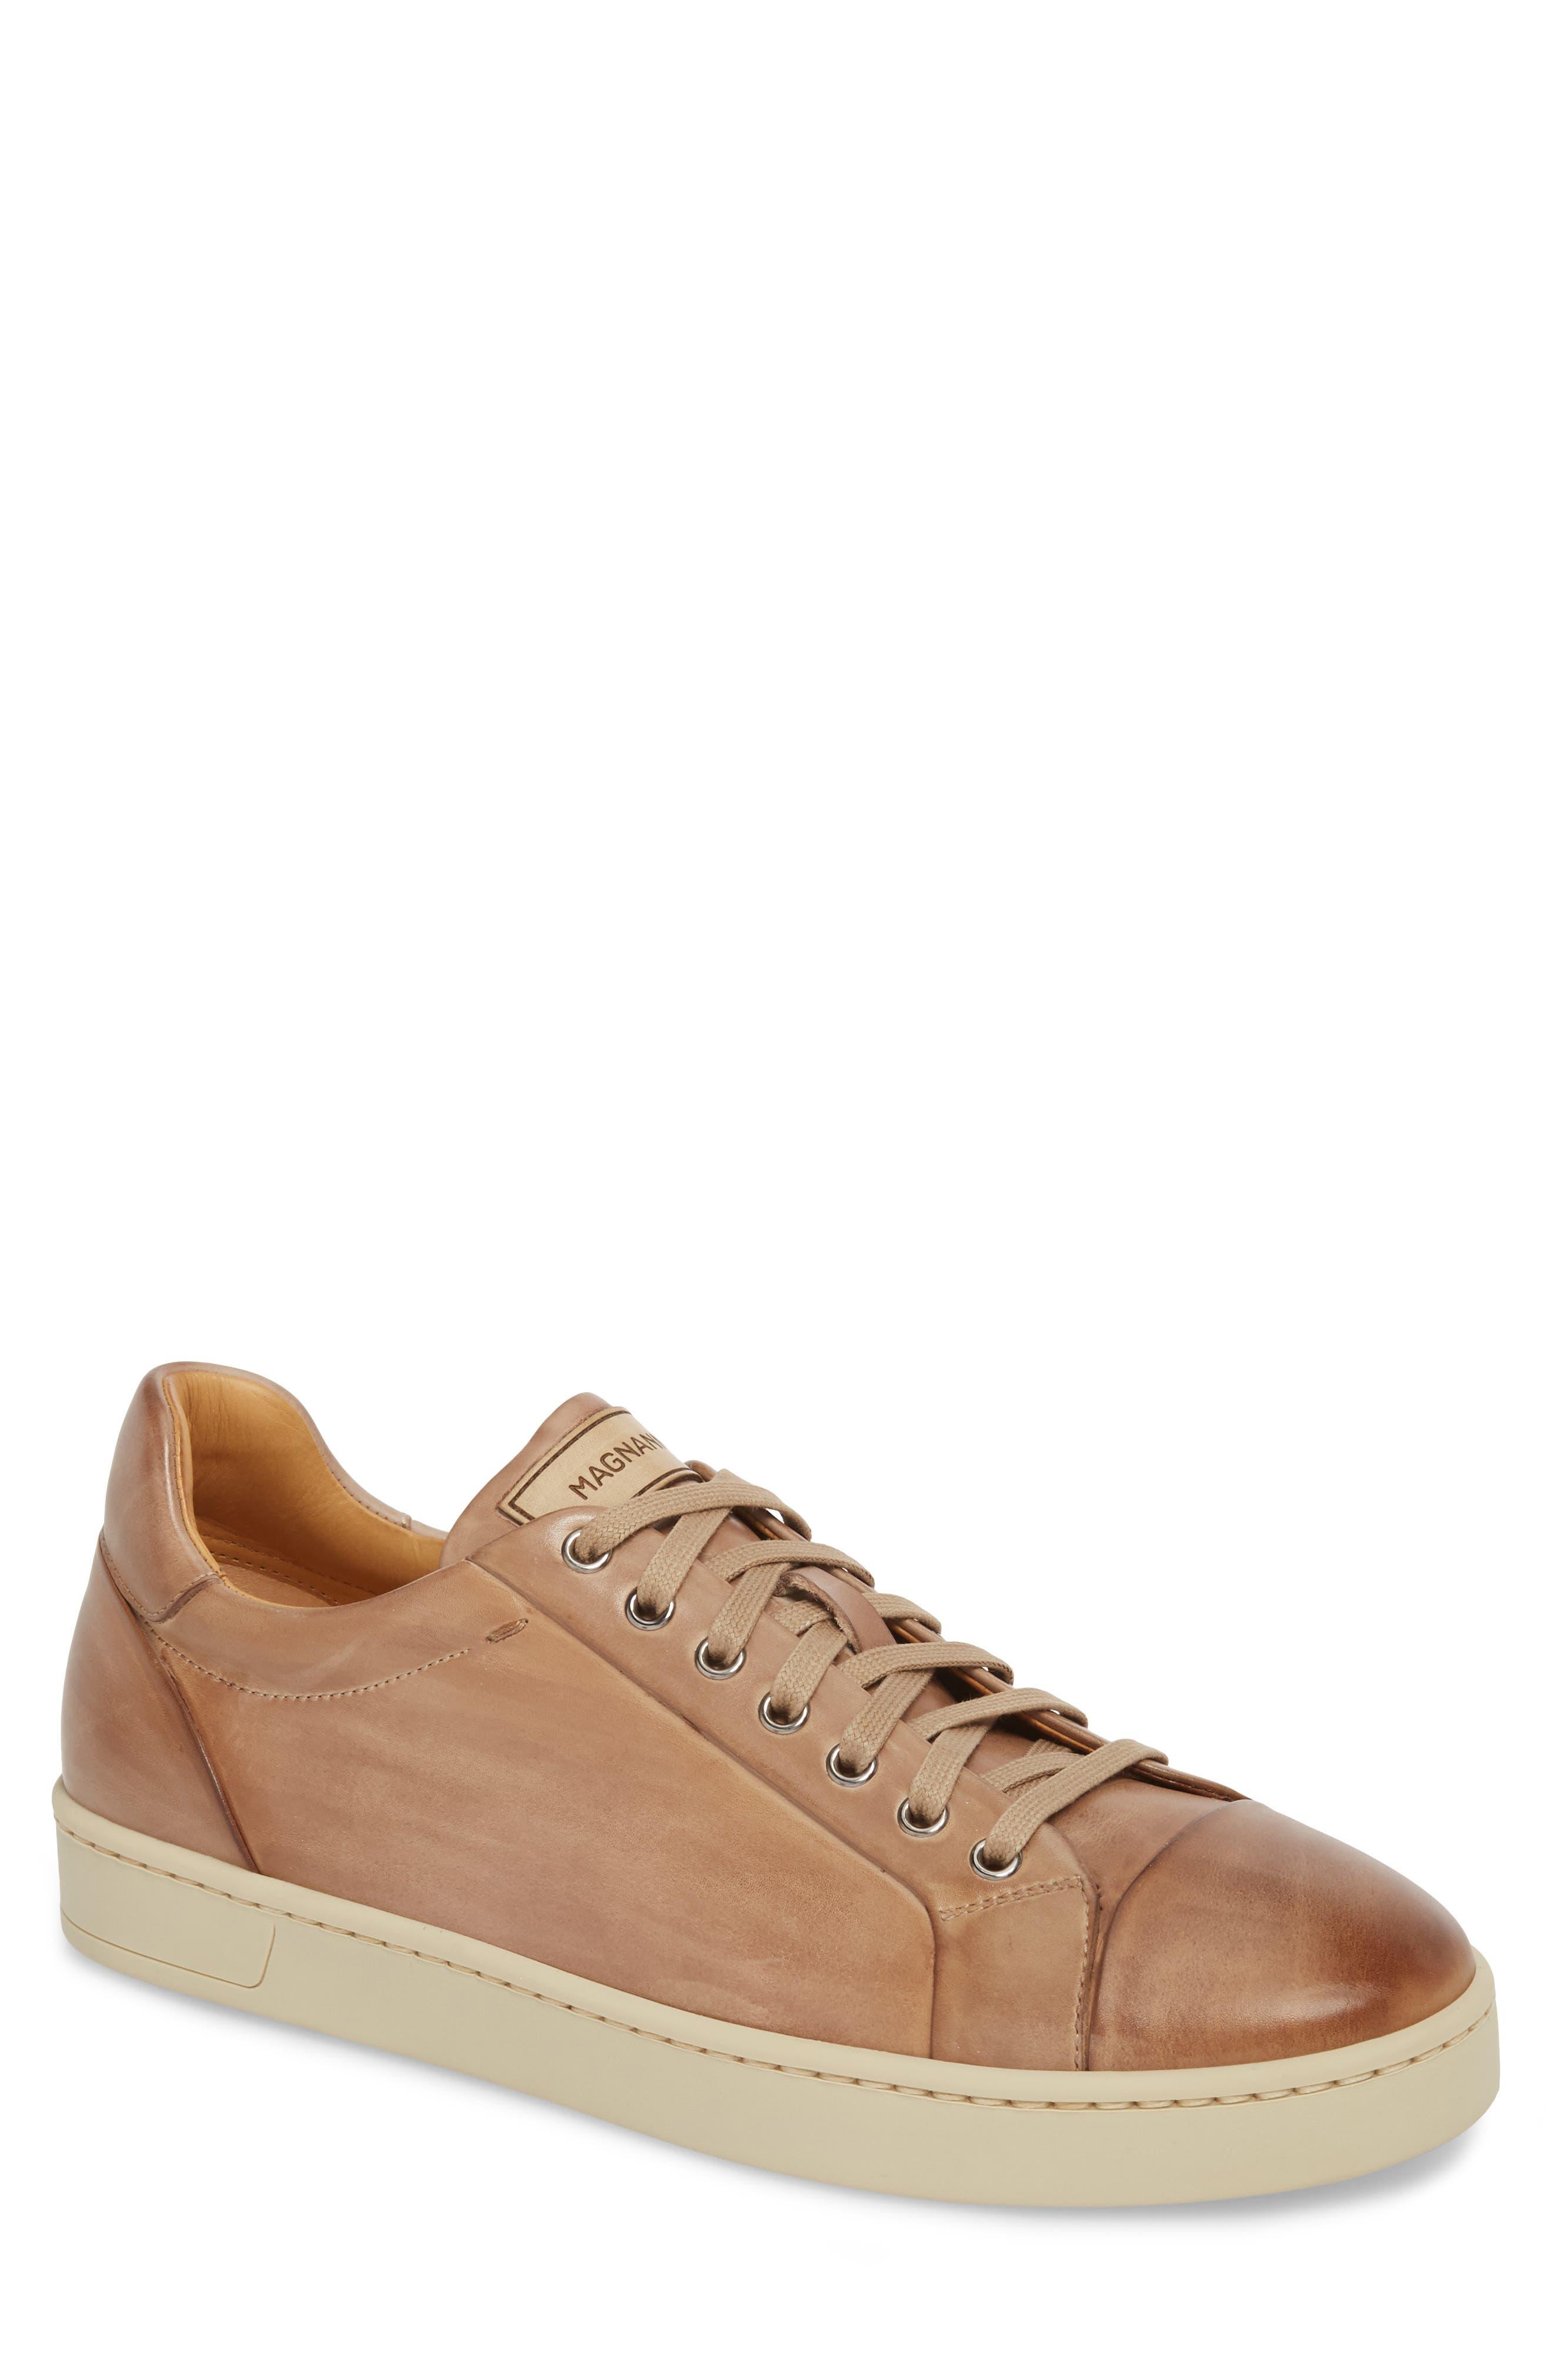 Erardo Low Top Sneaker,                             Main thumbnail 1, color,                             251